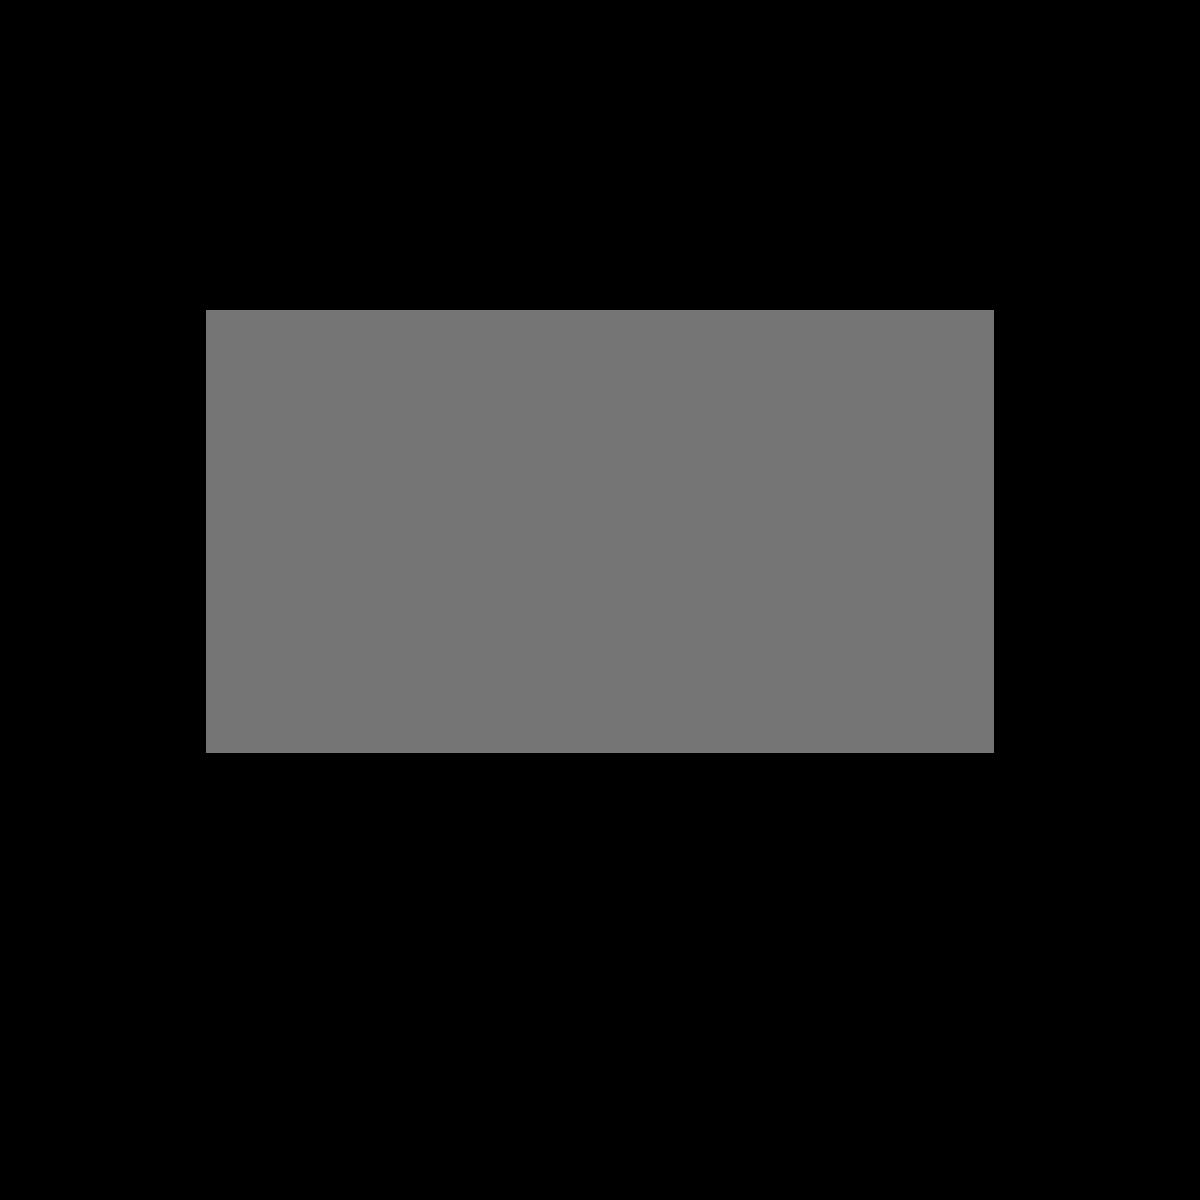 Kia Arm Motor